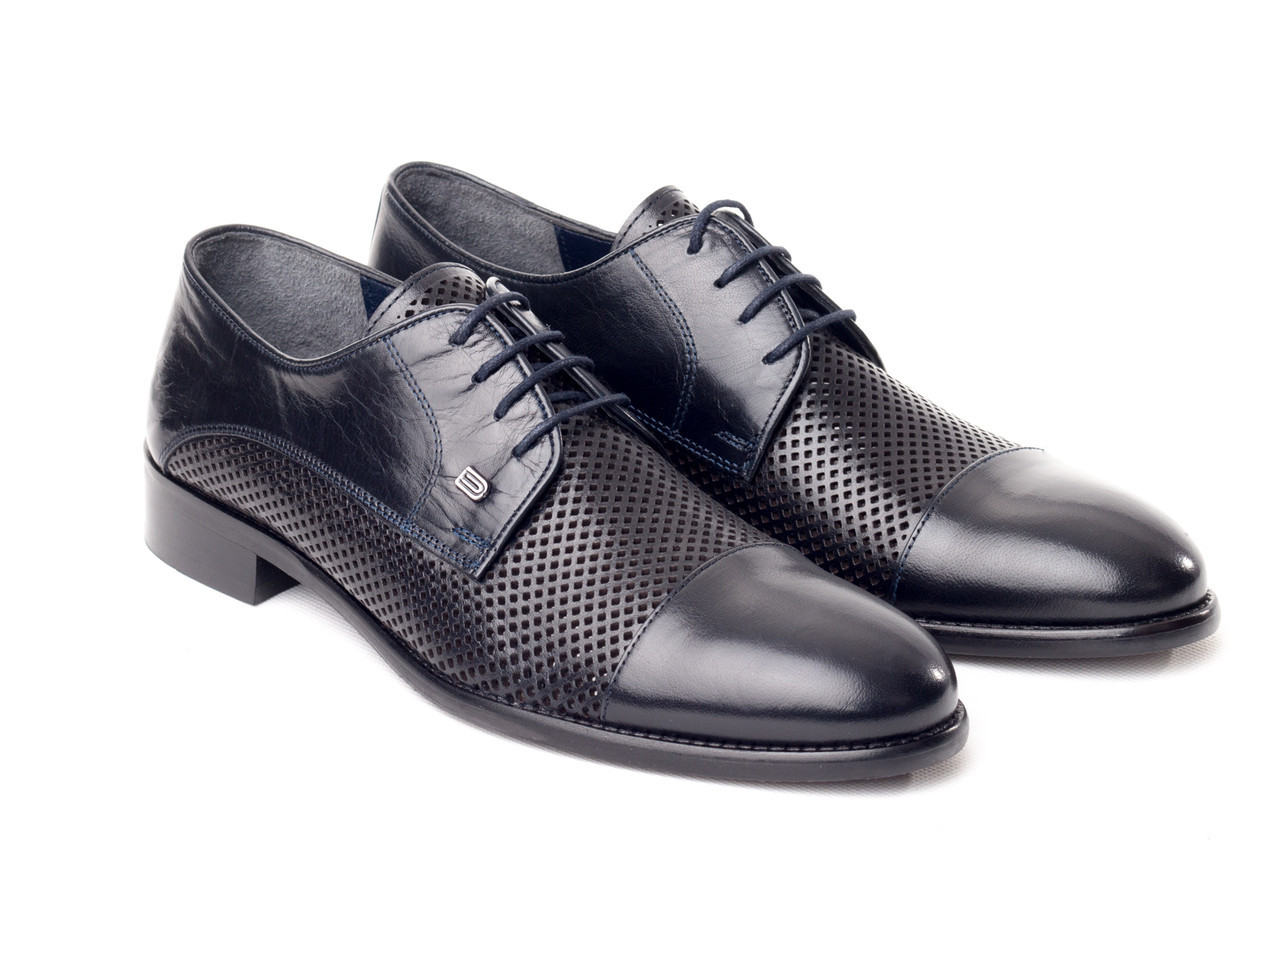 Туфлі Etor 14895-10923-295 39 сині